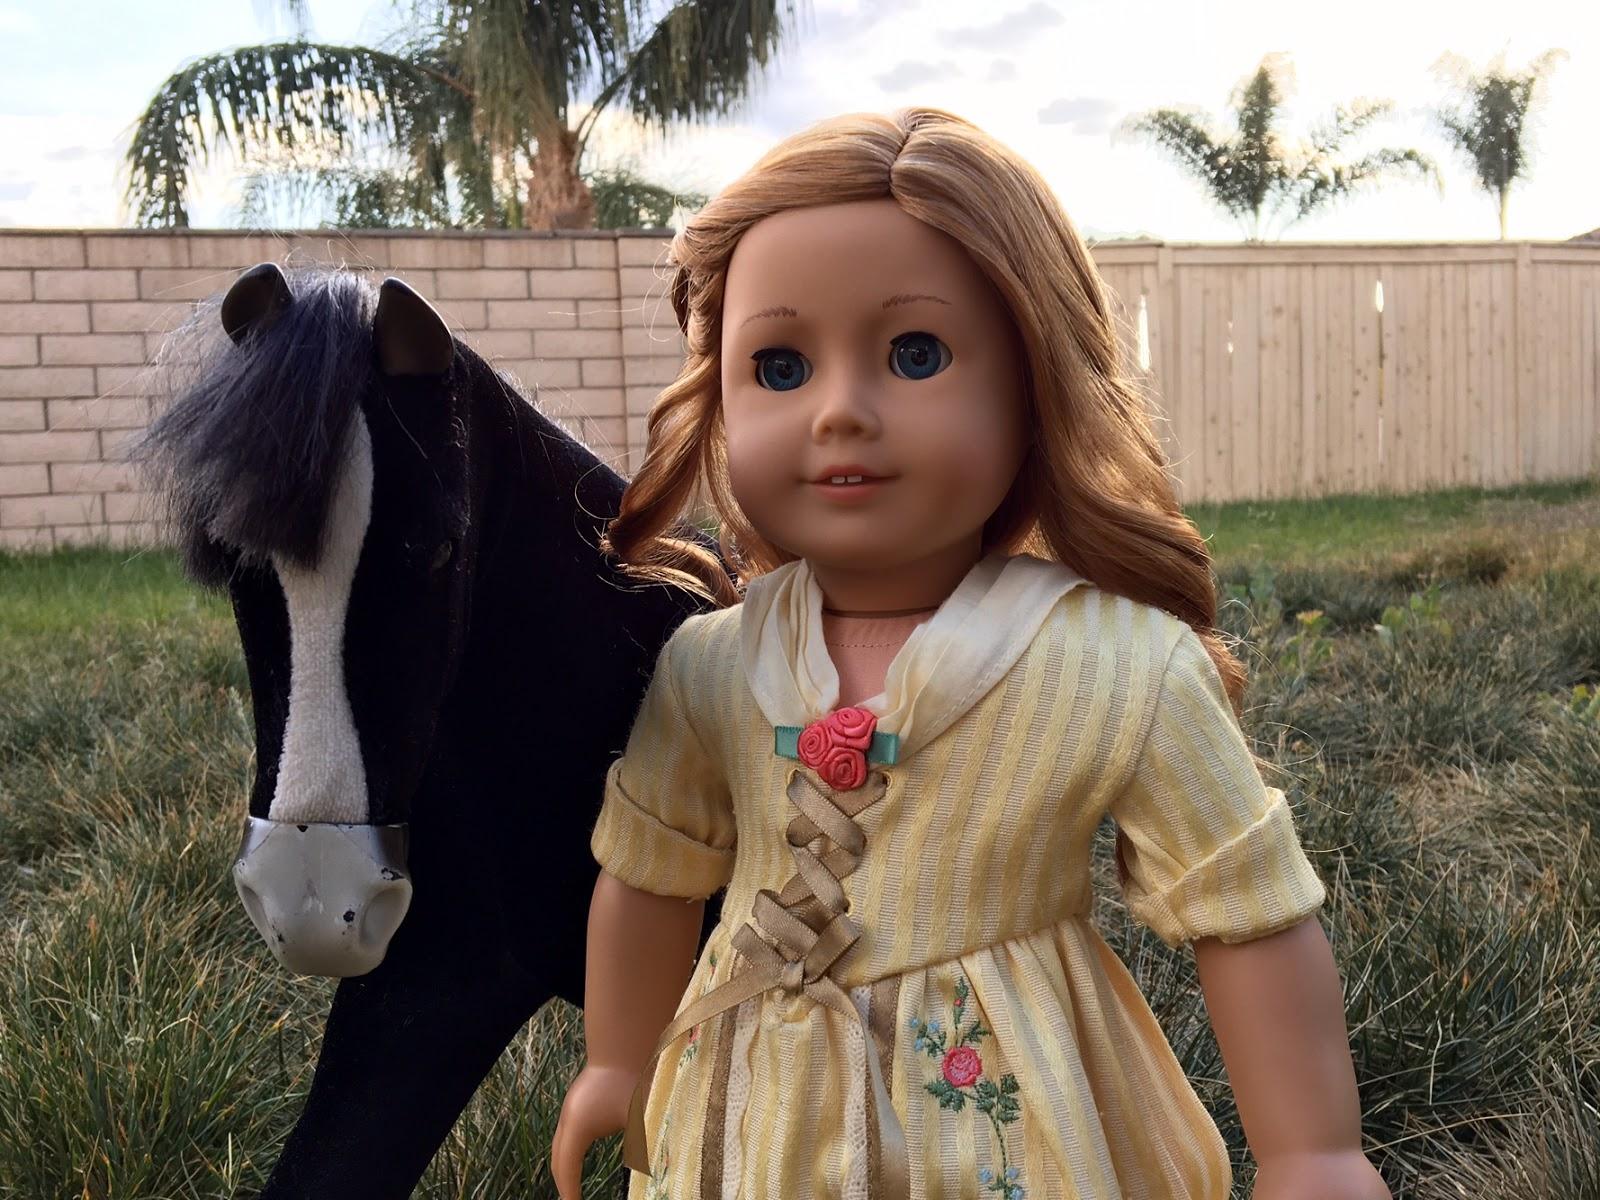 wack a doodle dolls erebelle a photoshoot rh wack a doodle dolls blogspot com